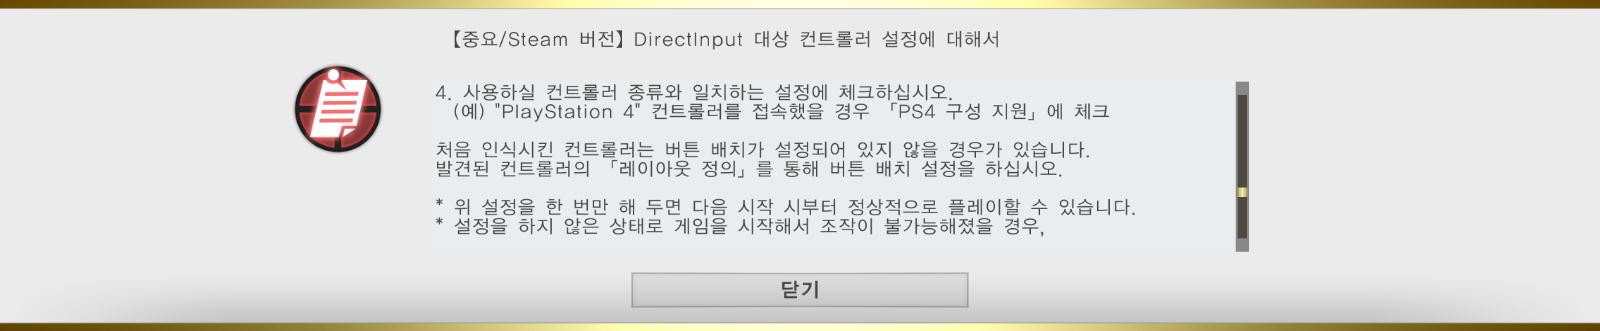 컨트롤러_004.png